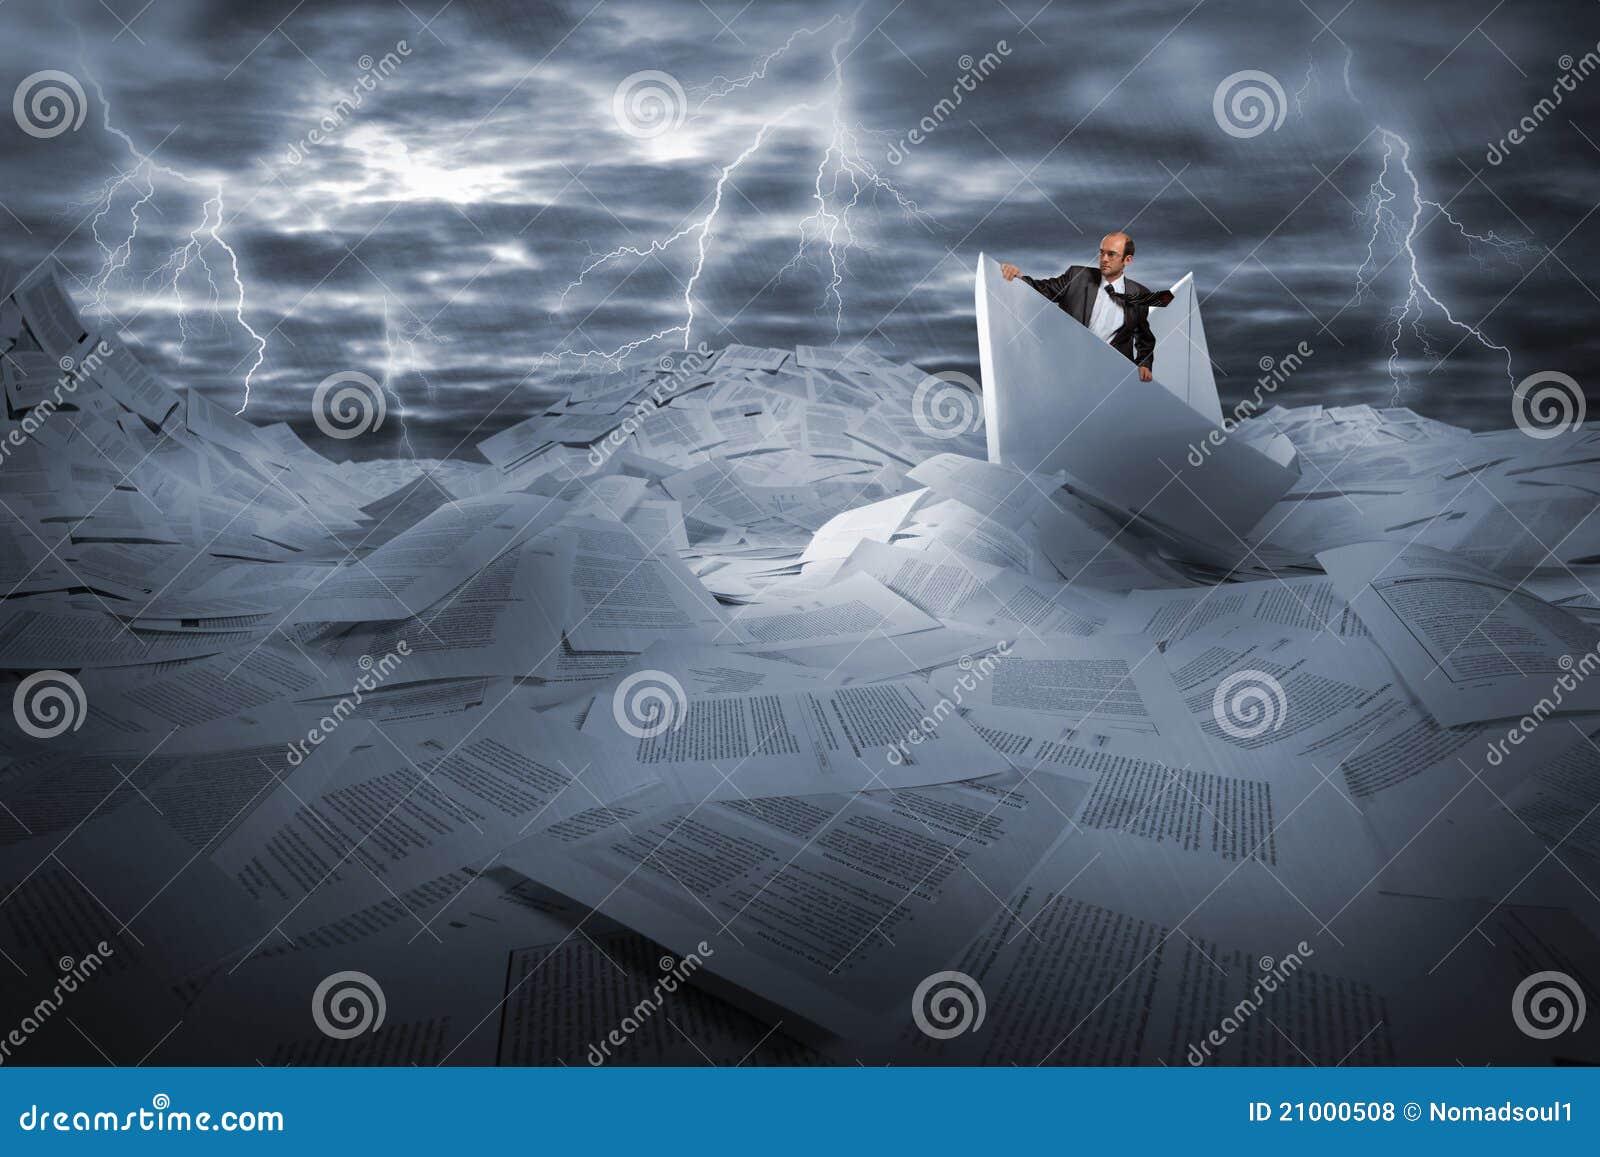 生意人裱糊风雨如磐航行的海运